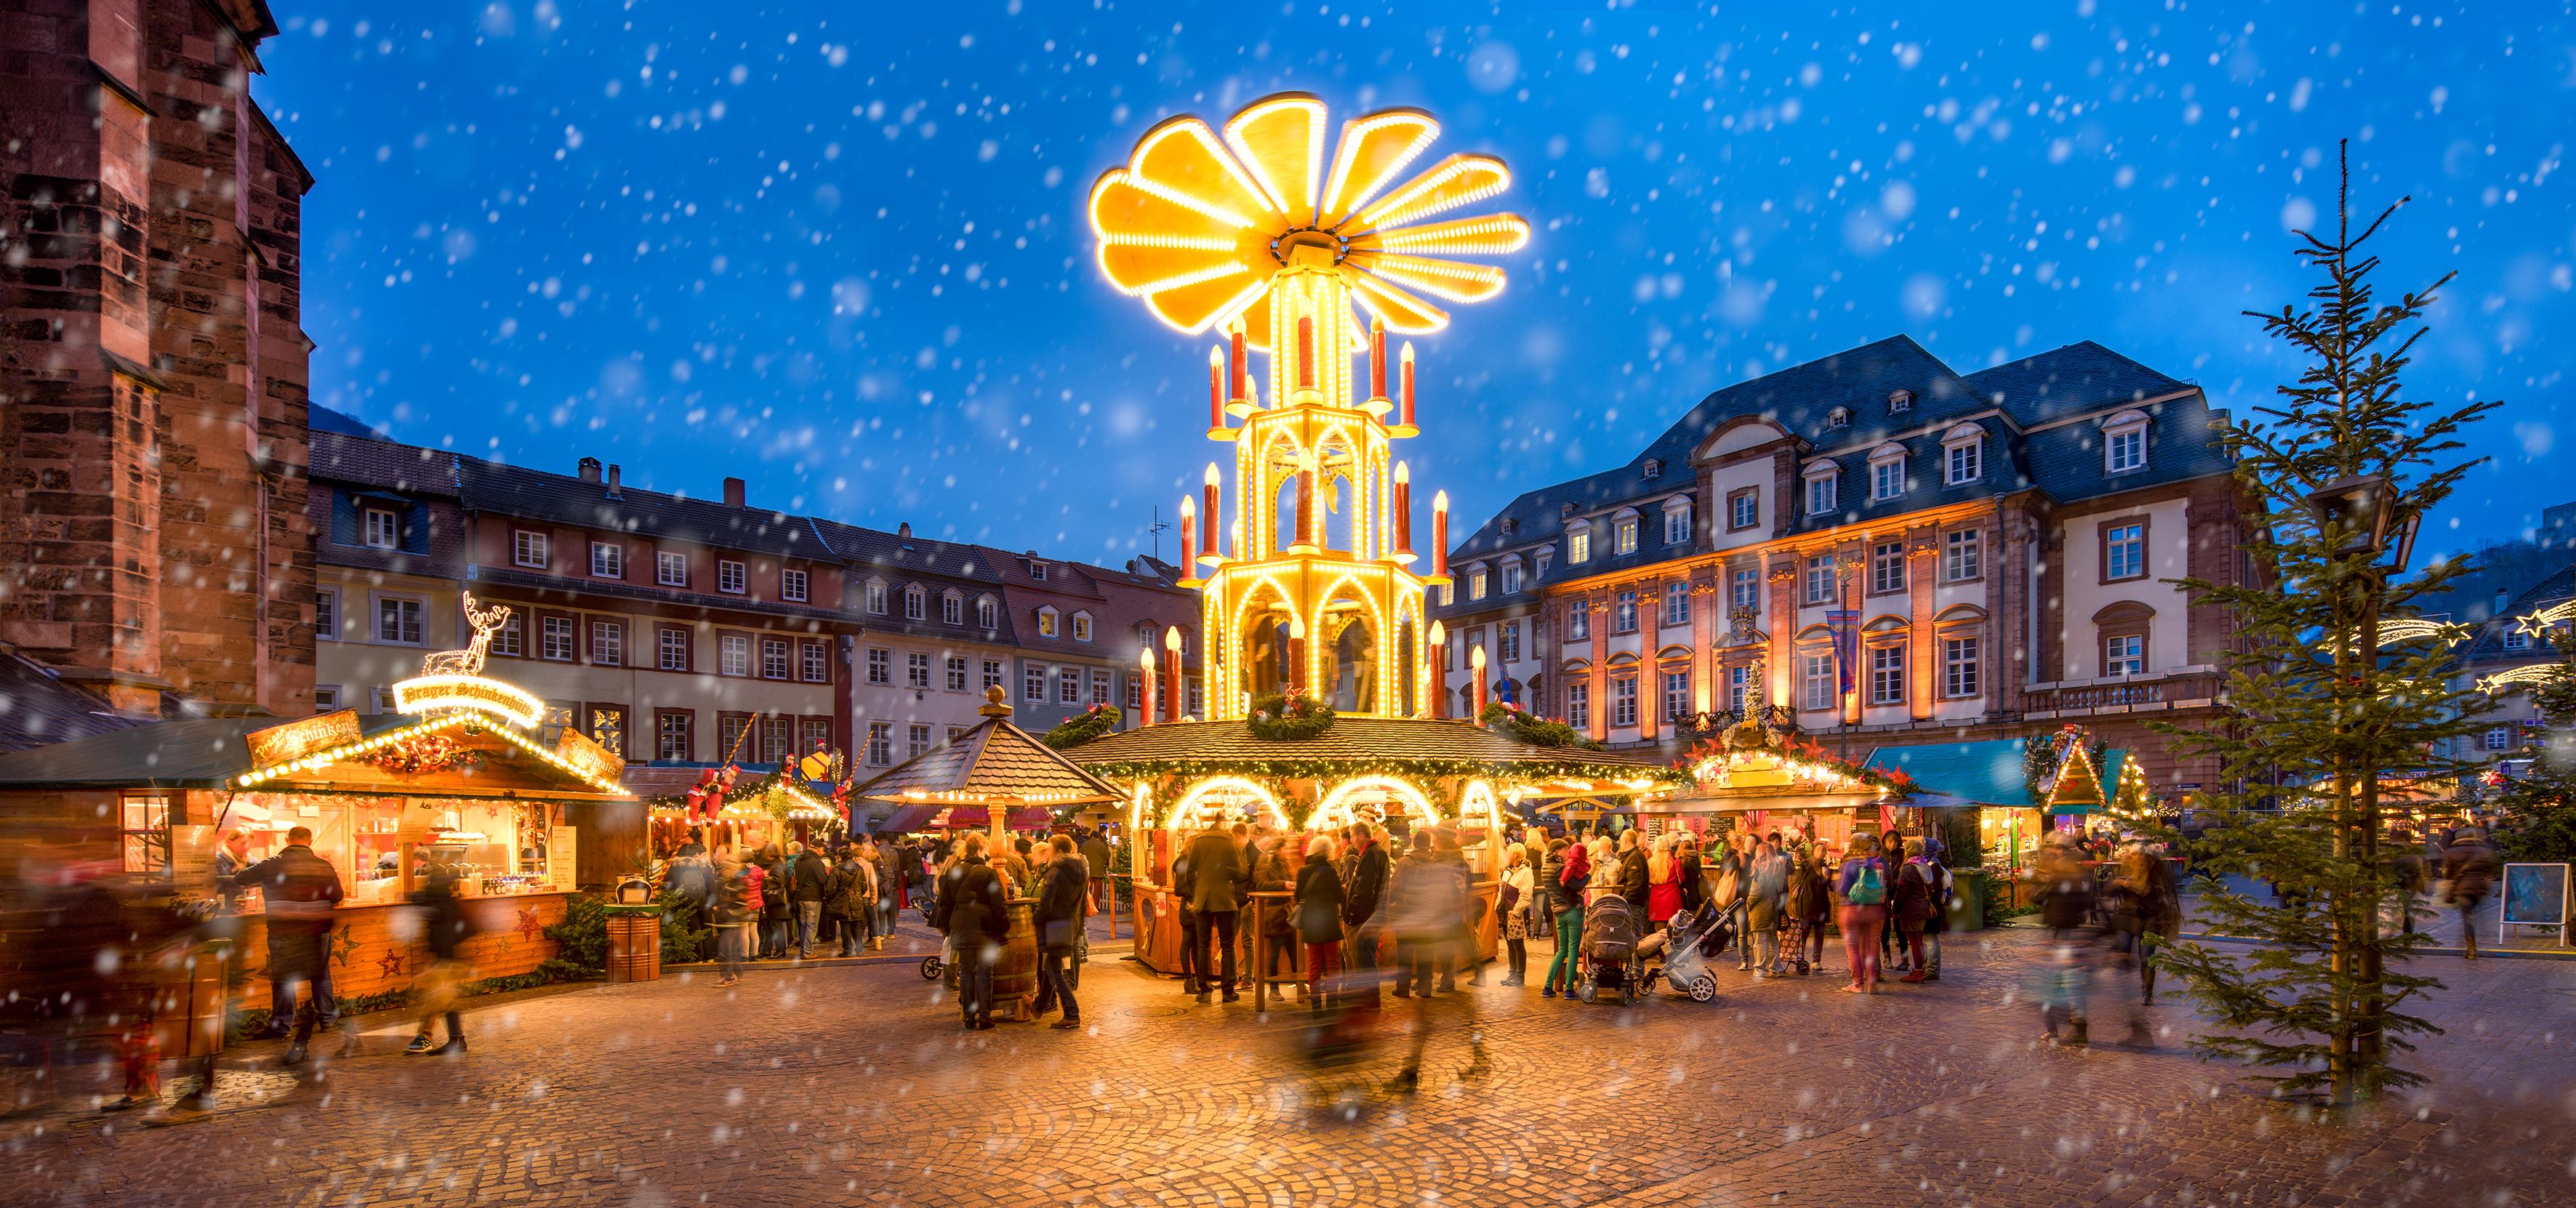 öffnungszeiten Weihnachtsmarkt Heidelberg.Heidelberg Zauberhafte Stimmung Auf Dem Heidelberger